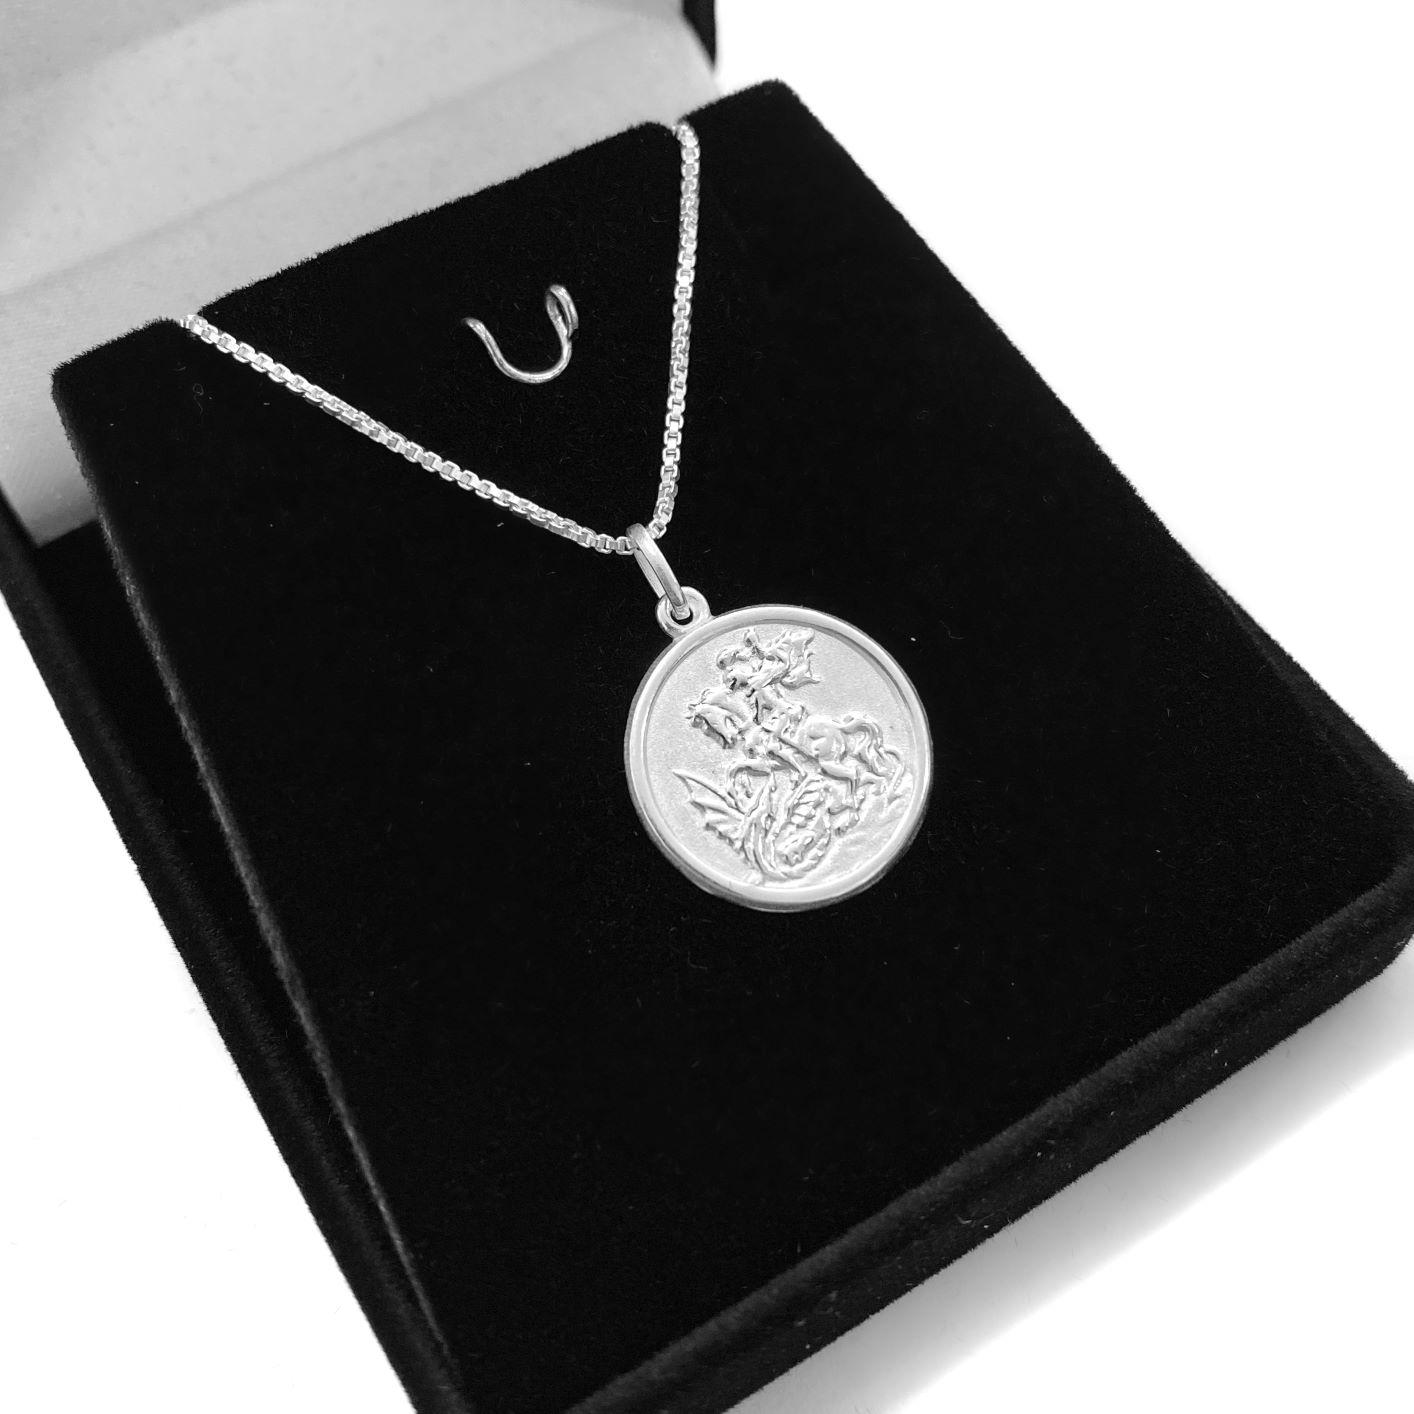 Pingente Medalha São Jorge 1,6cm x 1,6cm (Prata 925 Italiana)